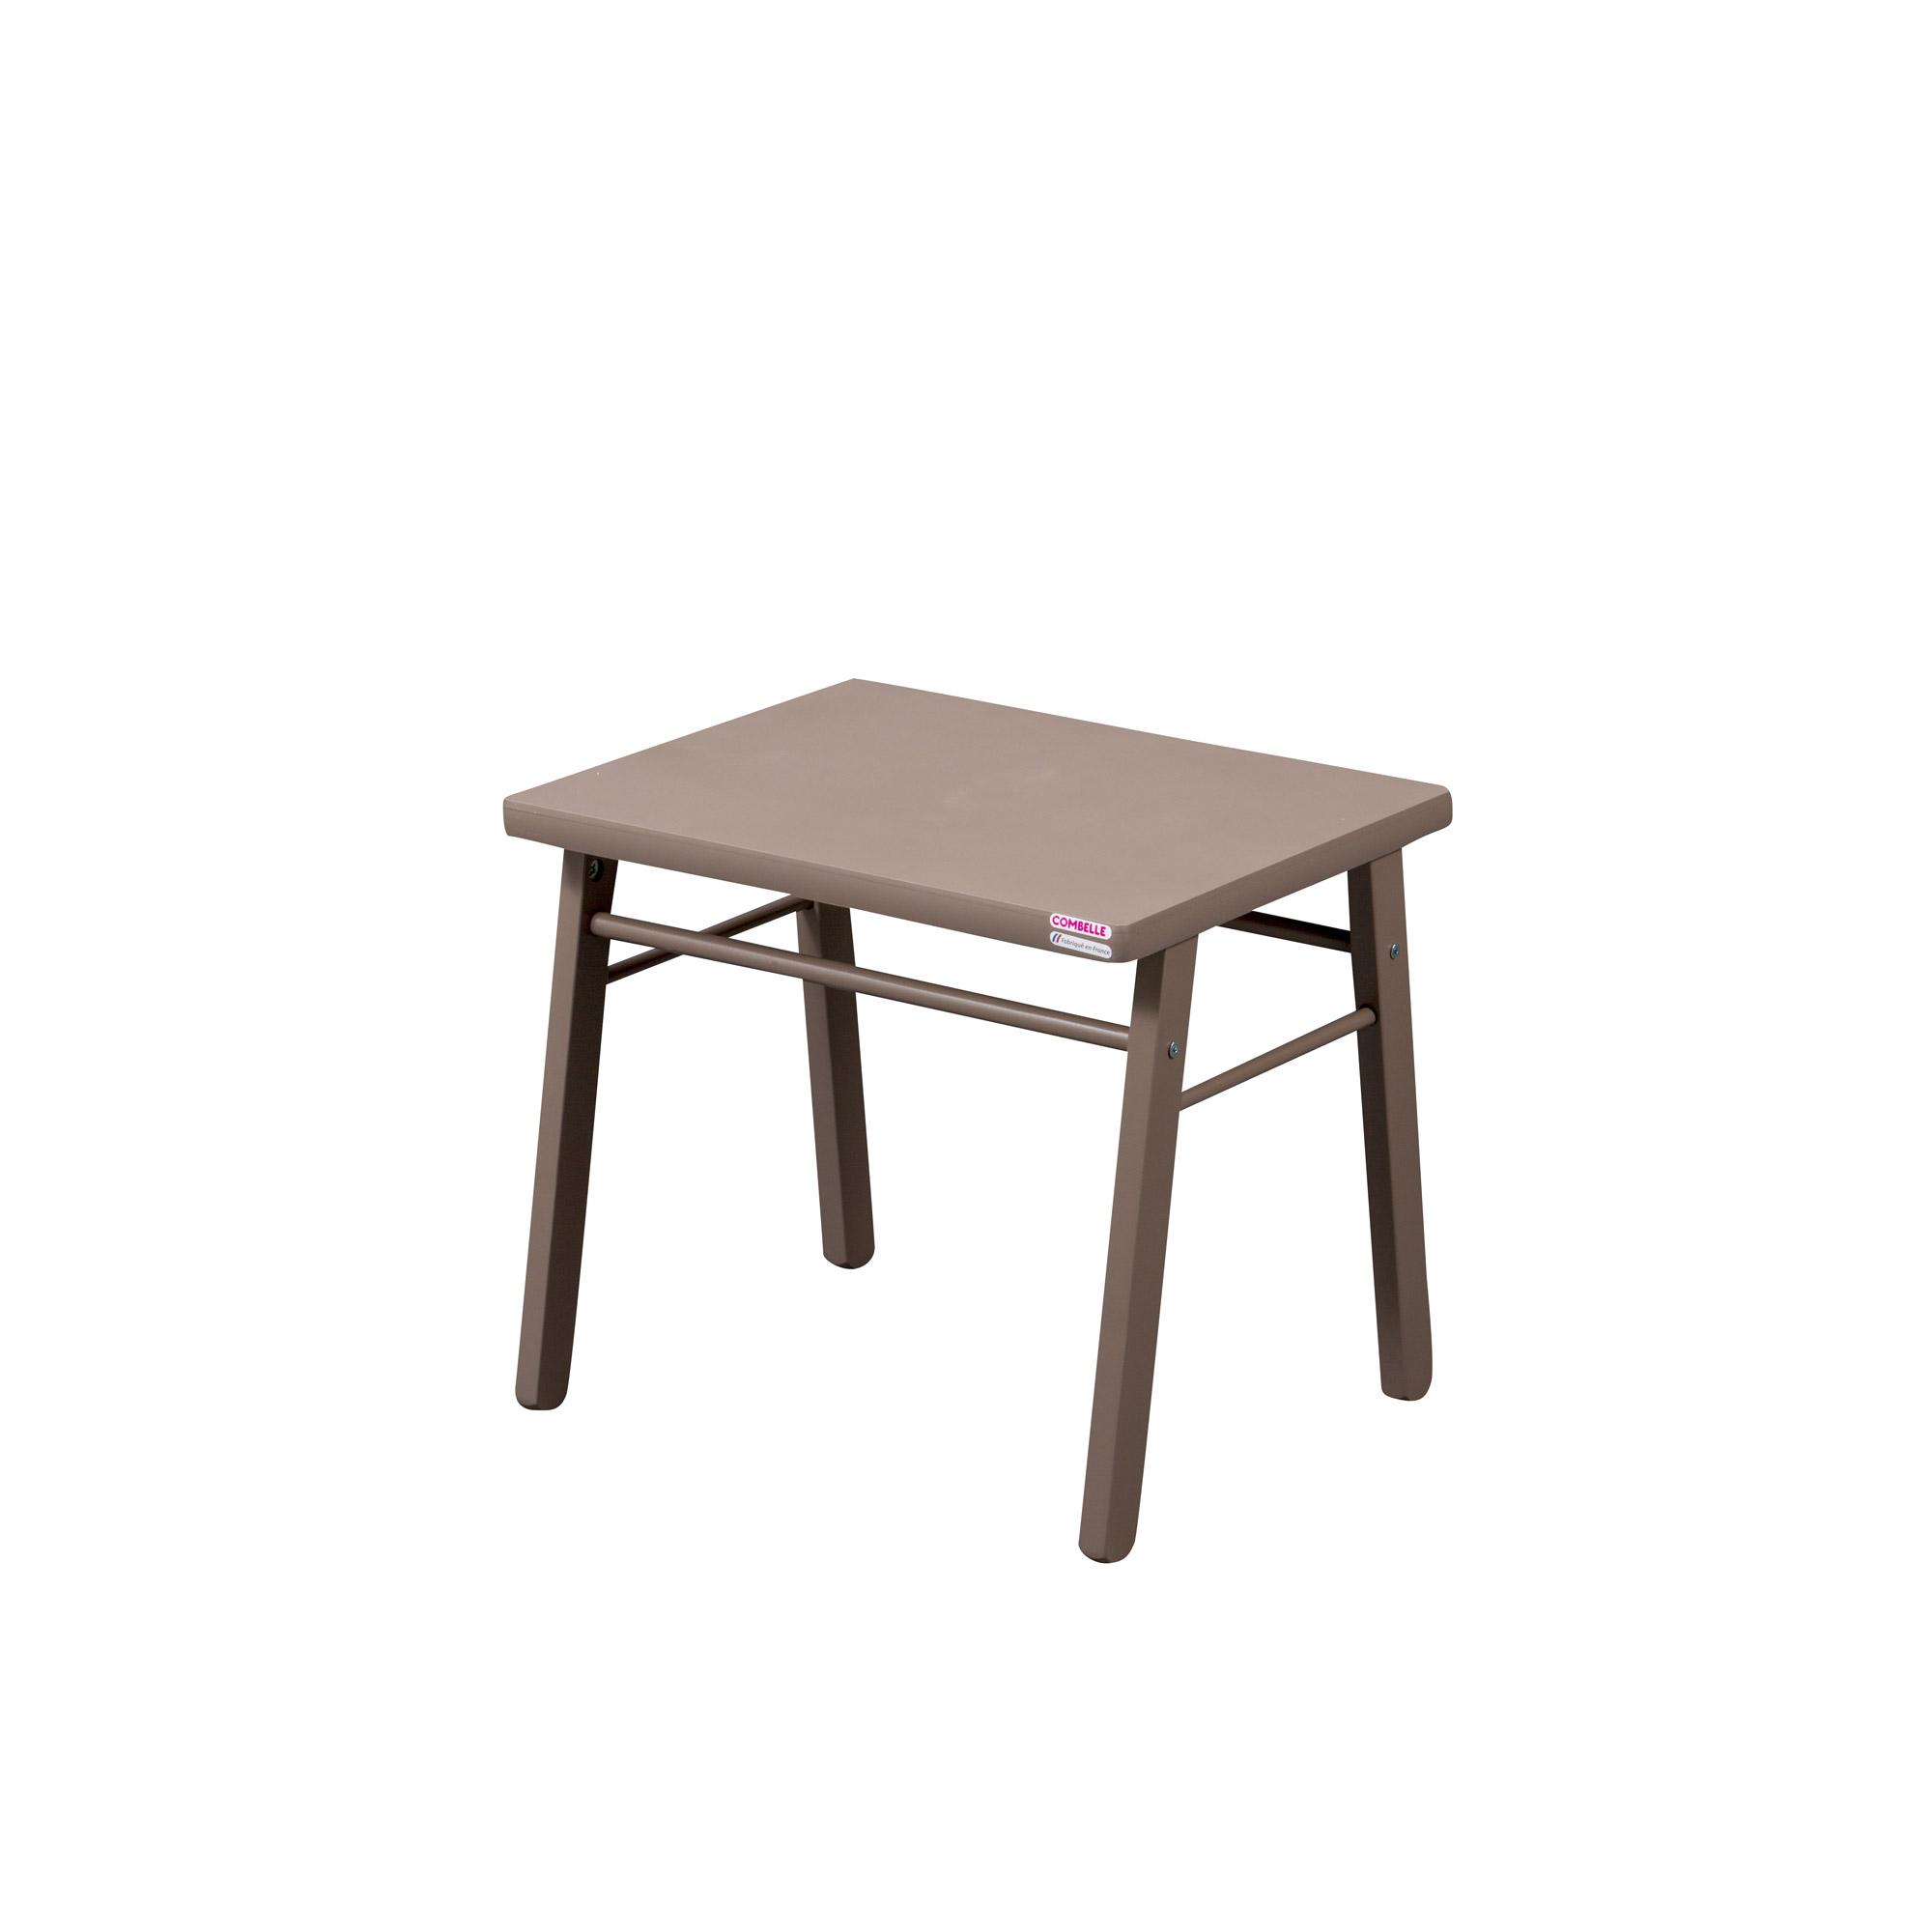 table d 39 enfant taupe. Black Bedroom Furniture Sets. Home Design Ideas